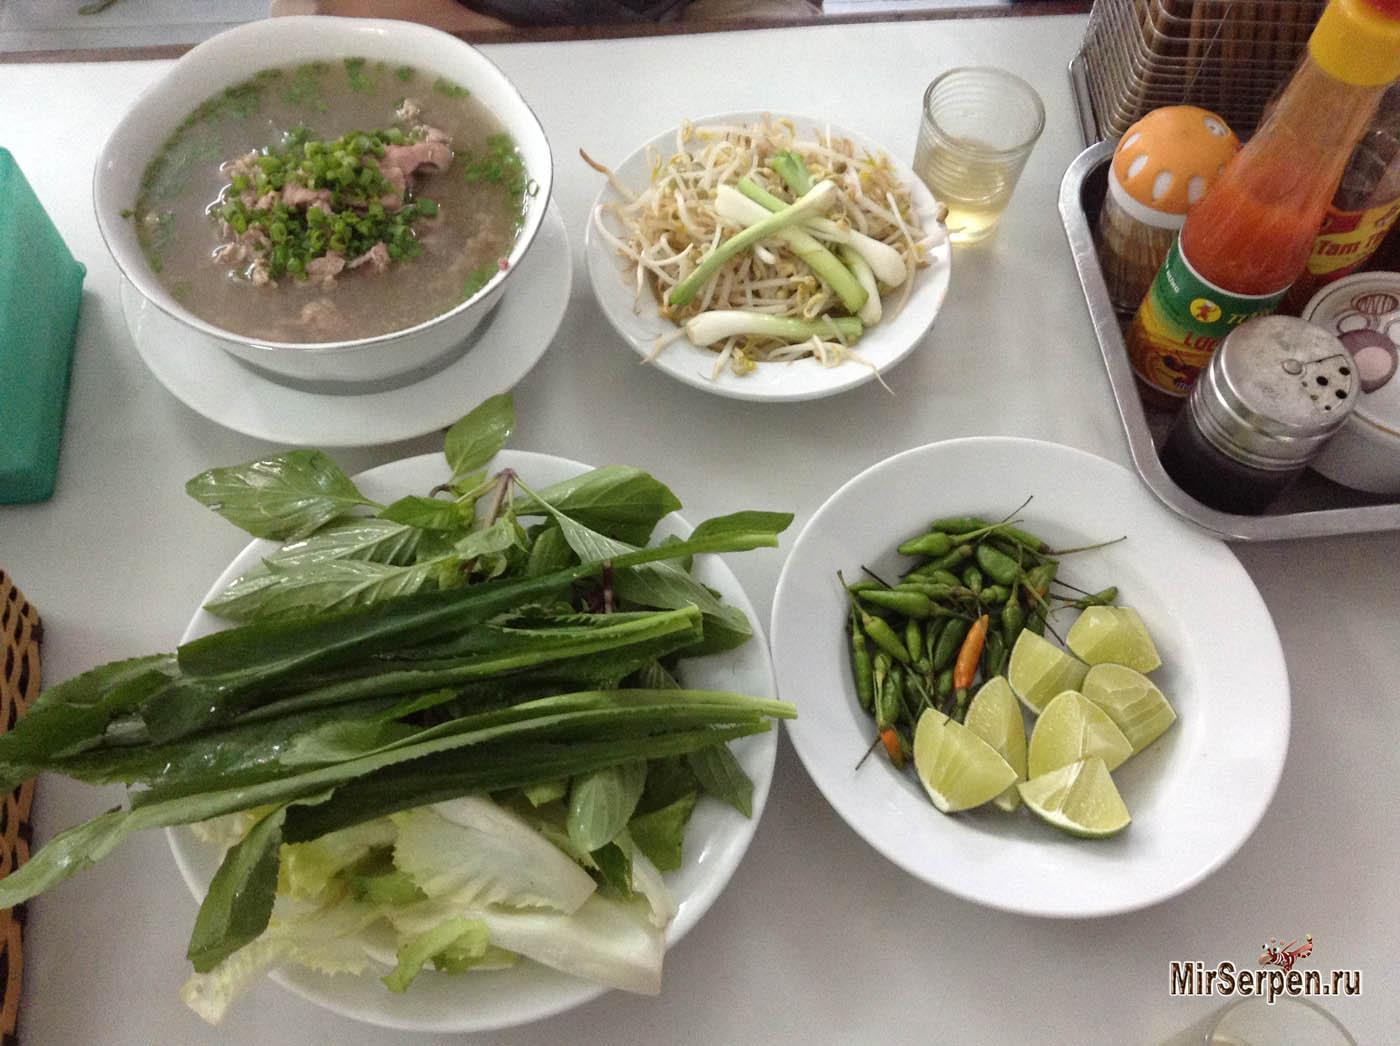 Почему азиатская еда такая острая